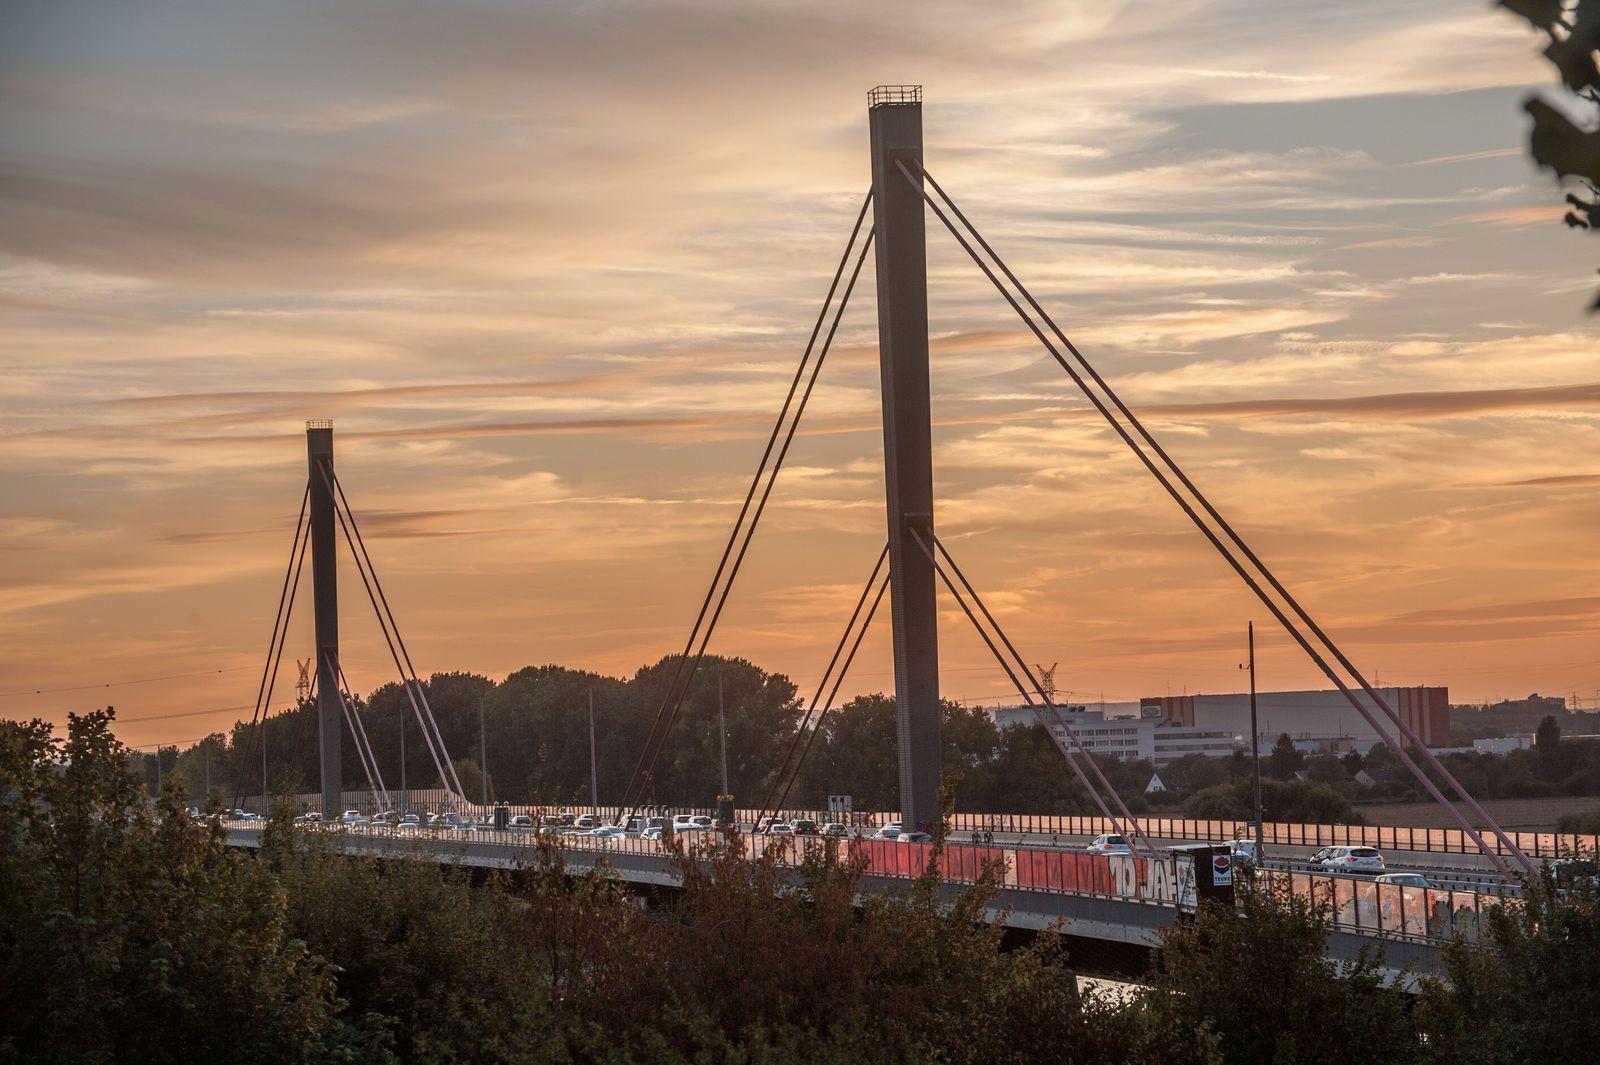 EINMALIGE VERWENDUNG SPIEGEL PLUS 41/2016 S. 26 Ruine Deutschland Autobahnbrücke